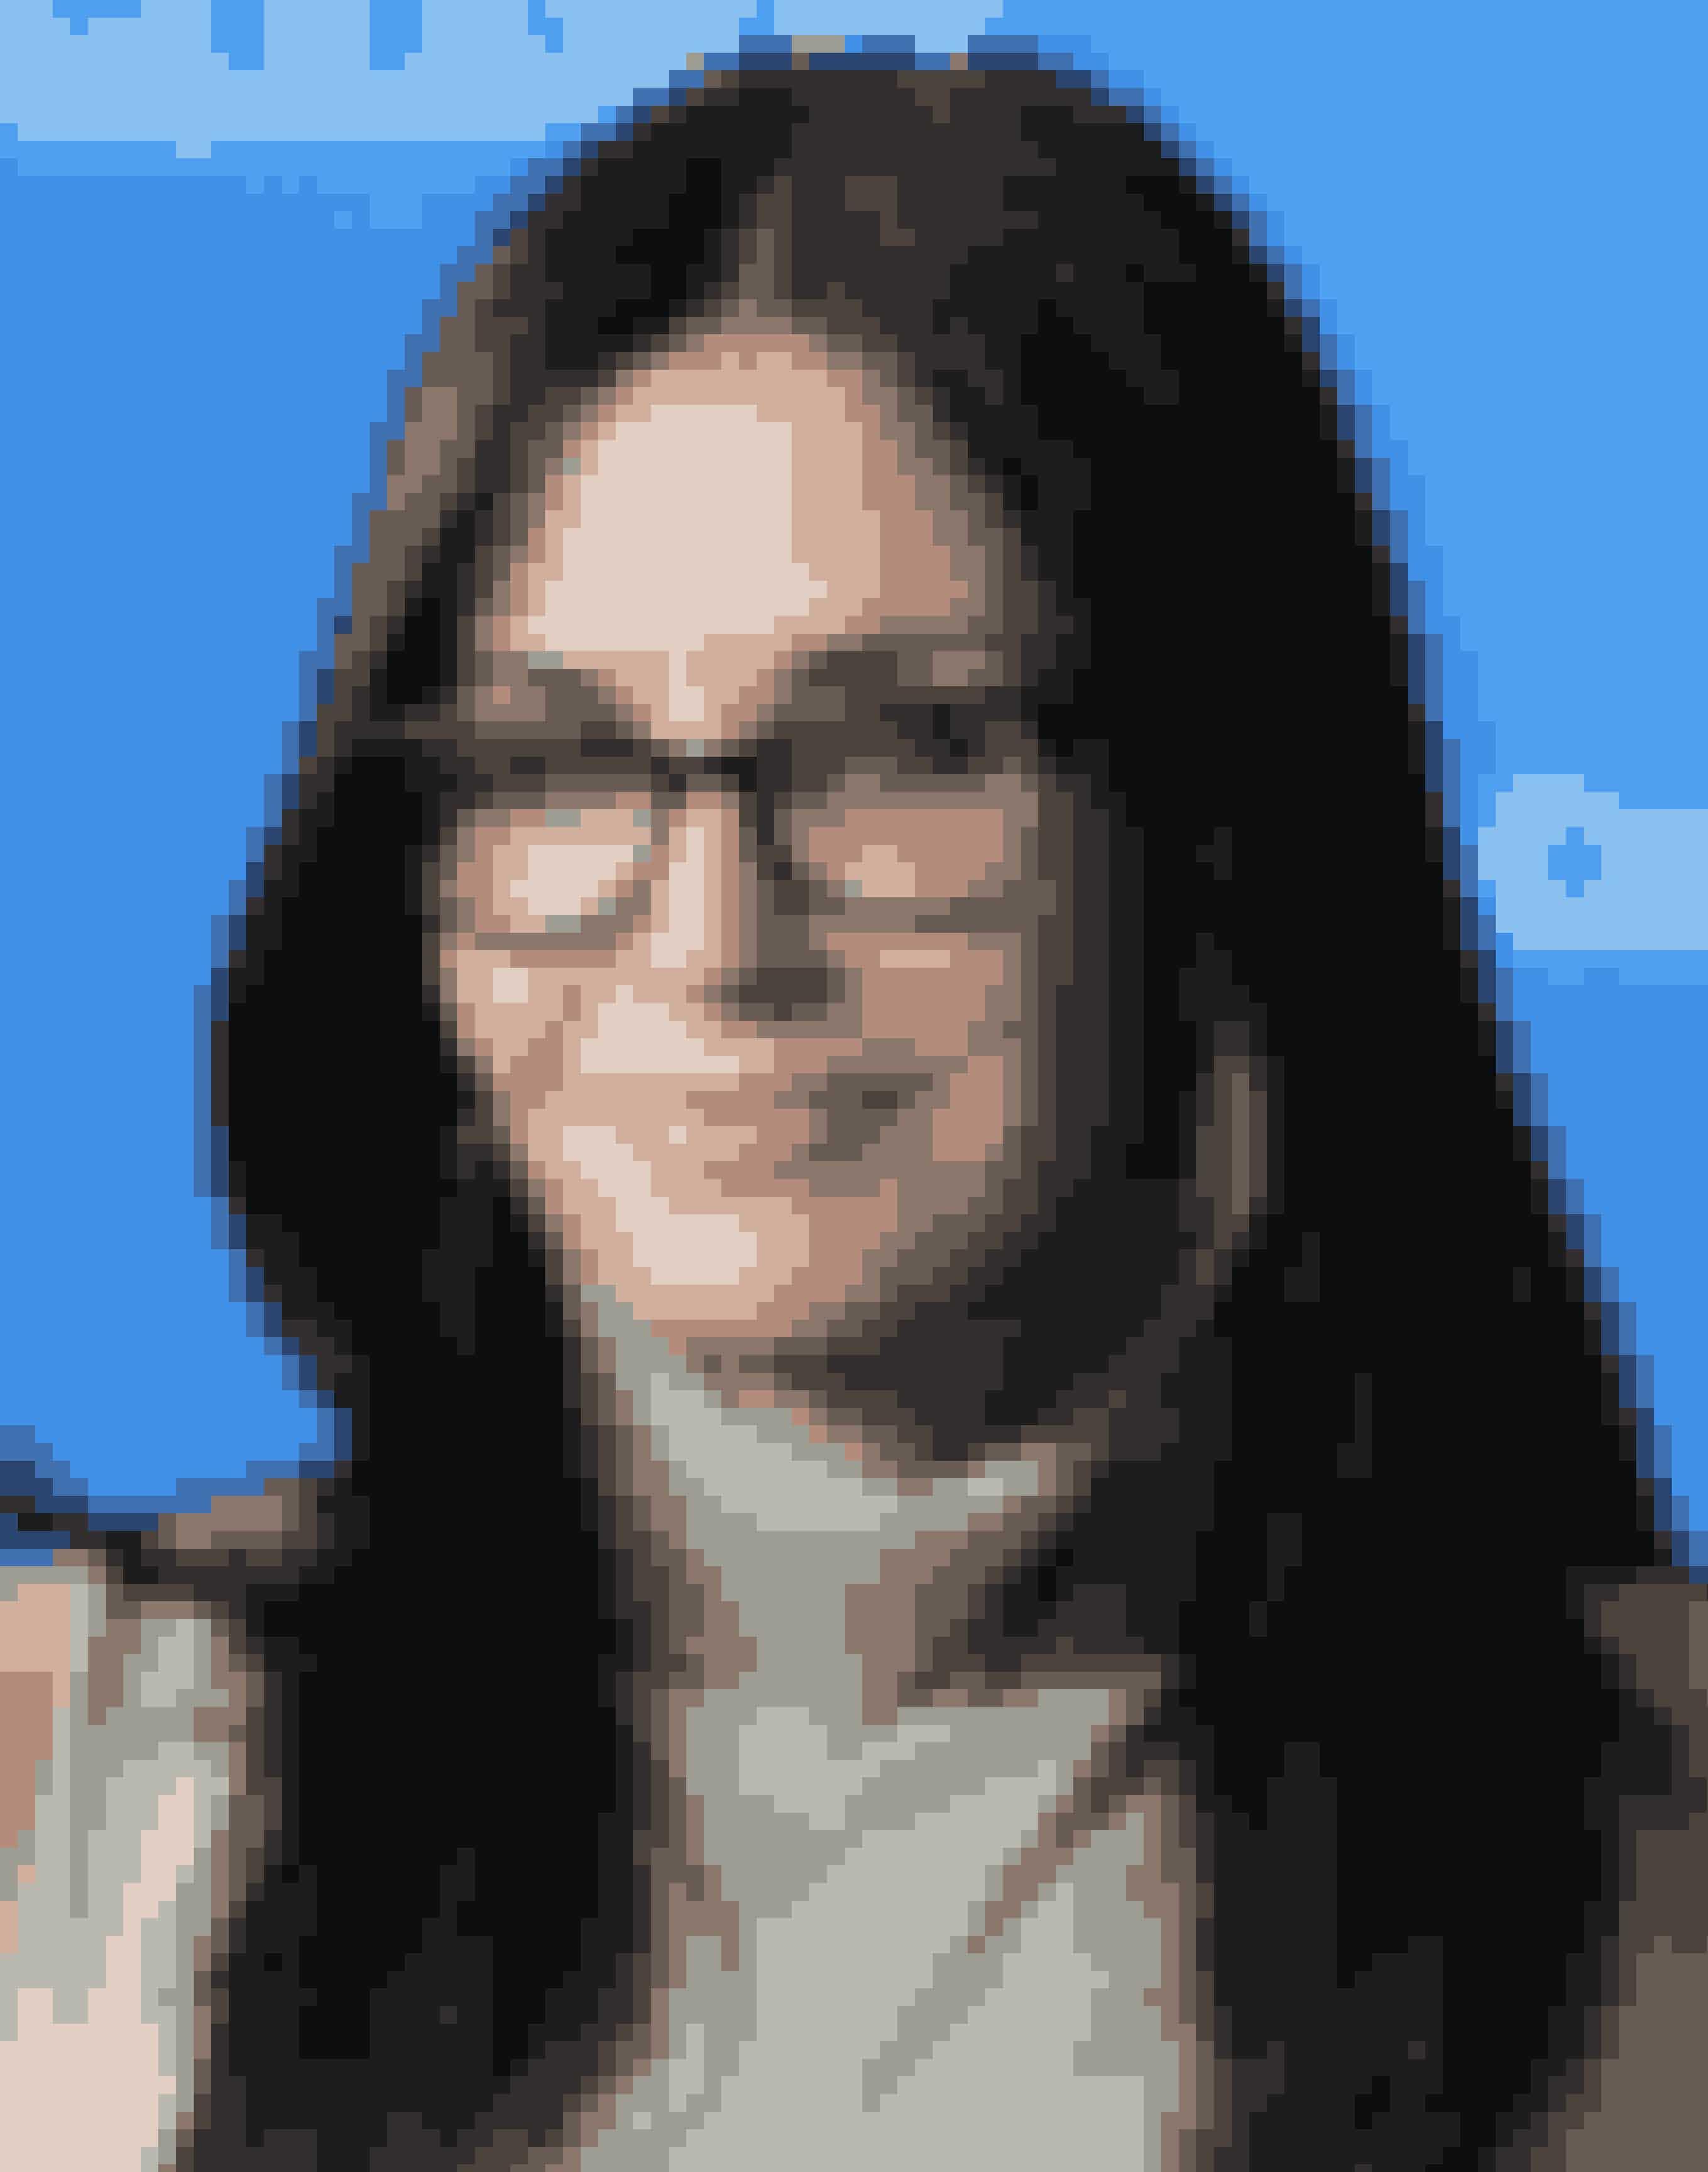 Courteney CoxVores allesammens Monica Geller gemmer på andet end et stort talent indenfor skuespil. Hun har instrueret 12 episoder af sit eget tv-show 'Cougar Town' og filmen 'Just Before I go' fra 2014. I 2012 instruerede hun også 'TalhotBlond', omhandlende et virkelighedsbaseret mord.